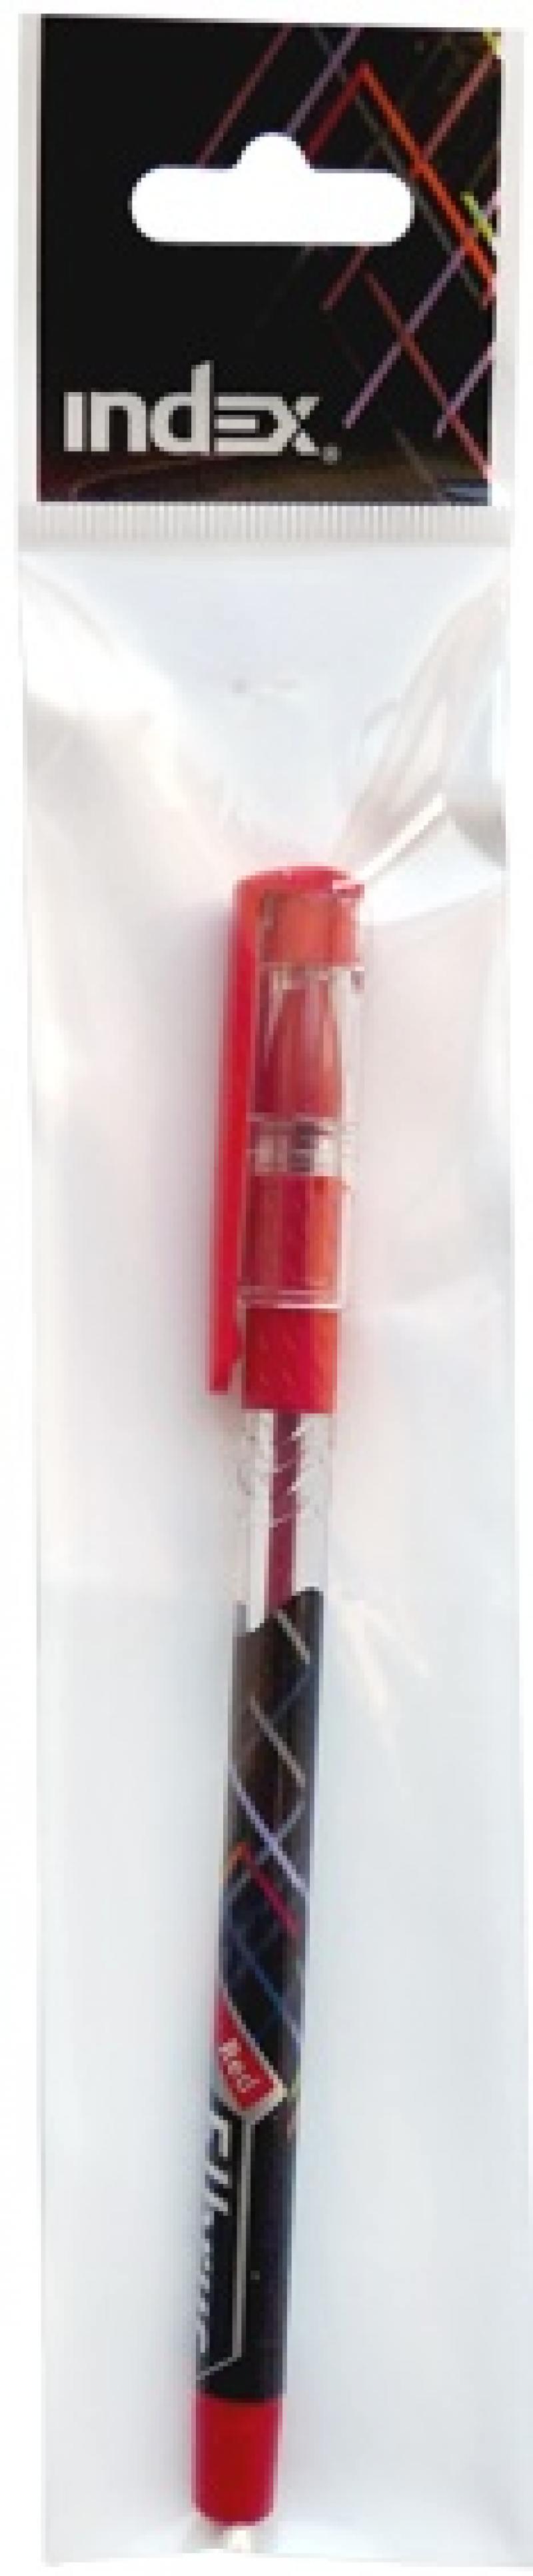 Шариковая ручка Index Elbrus красный 0.5 мм IBP317/RD IBP317/RD авточехлы autoprofi matrix формованный велюр 11 предметов чёрный красный размер м mtx 1105 bk rd m